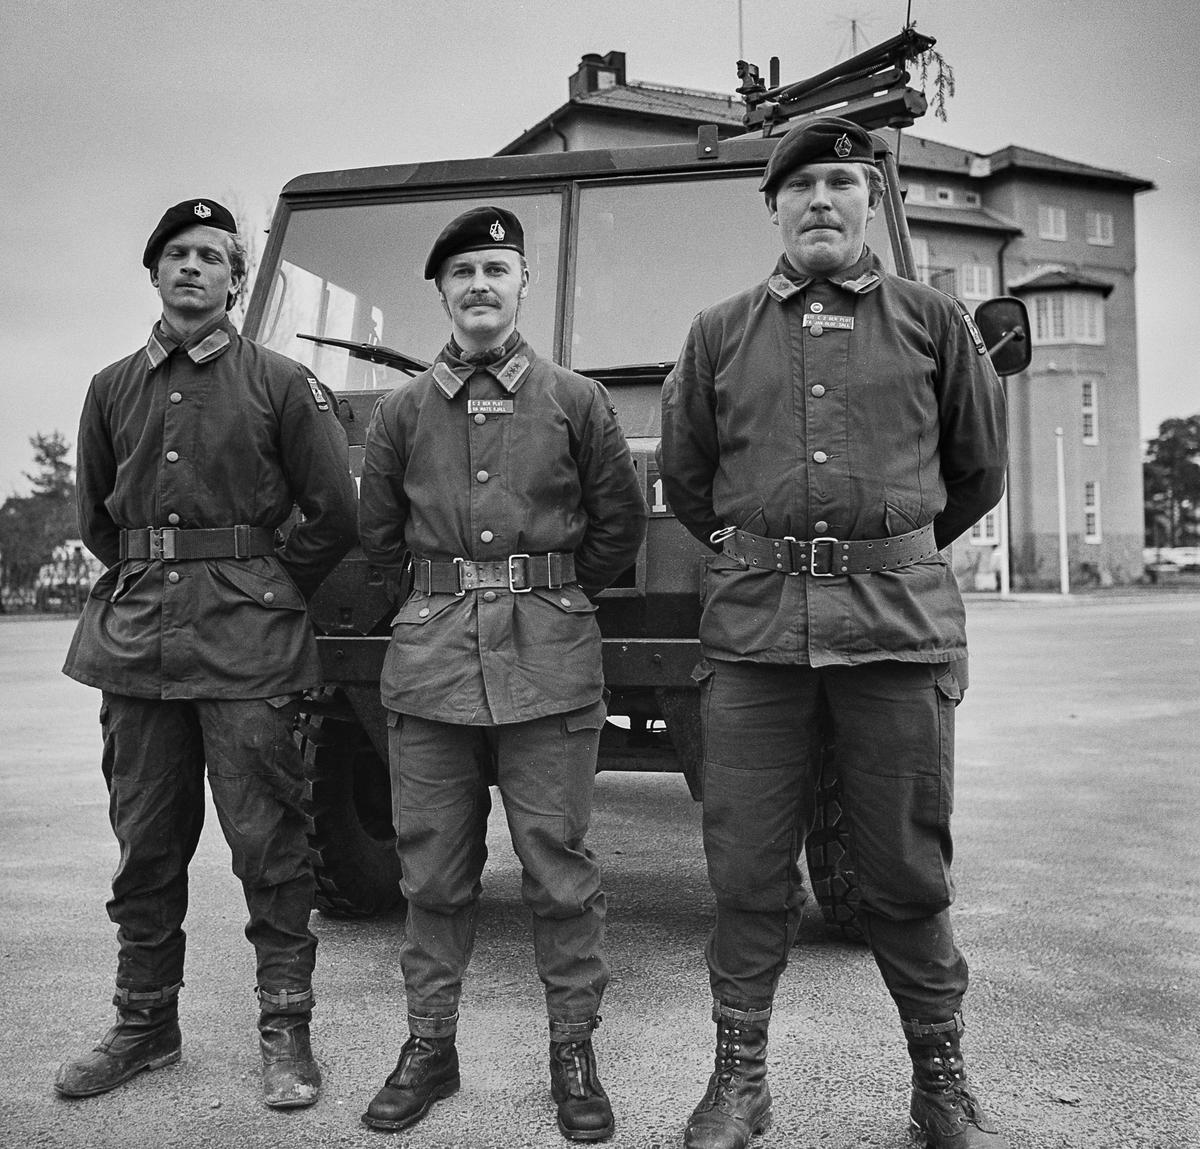 Plutonchefen Kapten Mats Kjäll i mitten, th stf chef fänrik Jan-Olof Säll. Löjtnanten tv är namnet okänt.